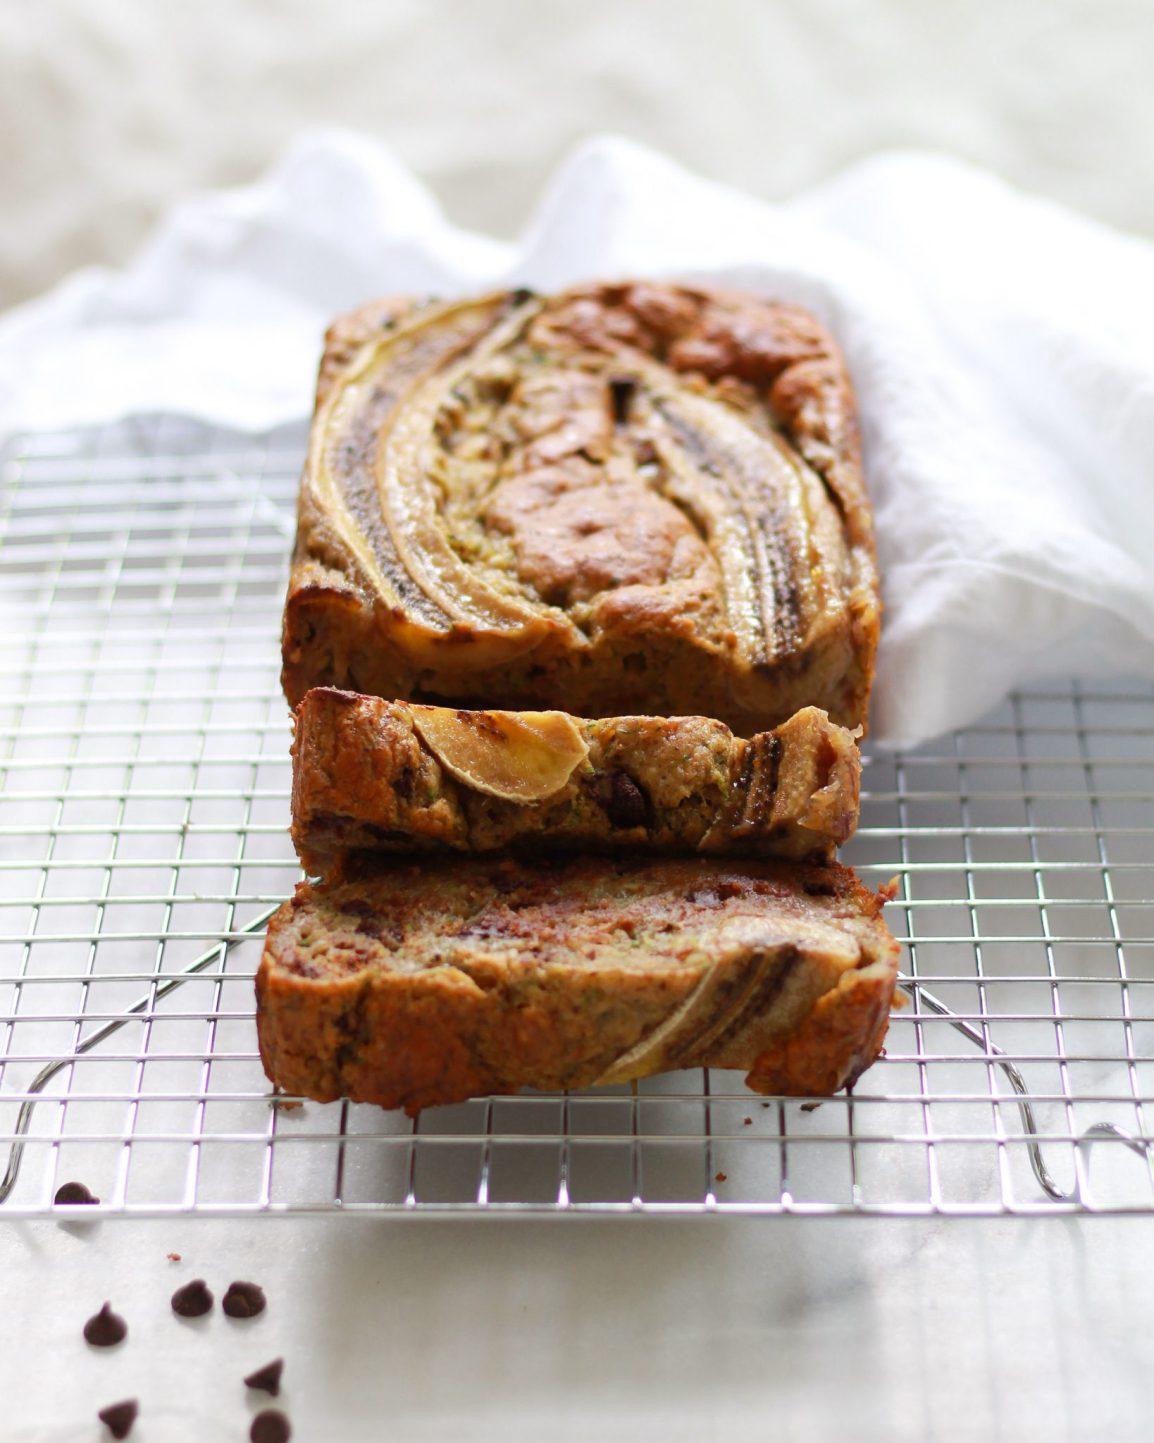 sliced banana bread on drying rack